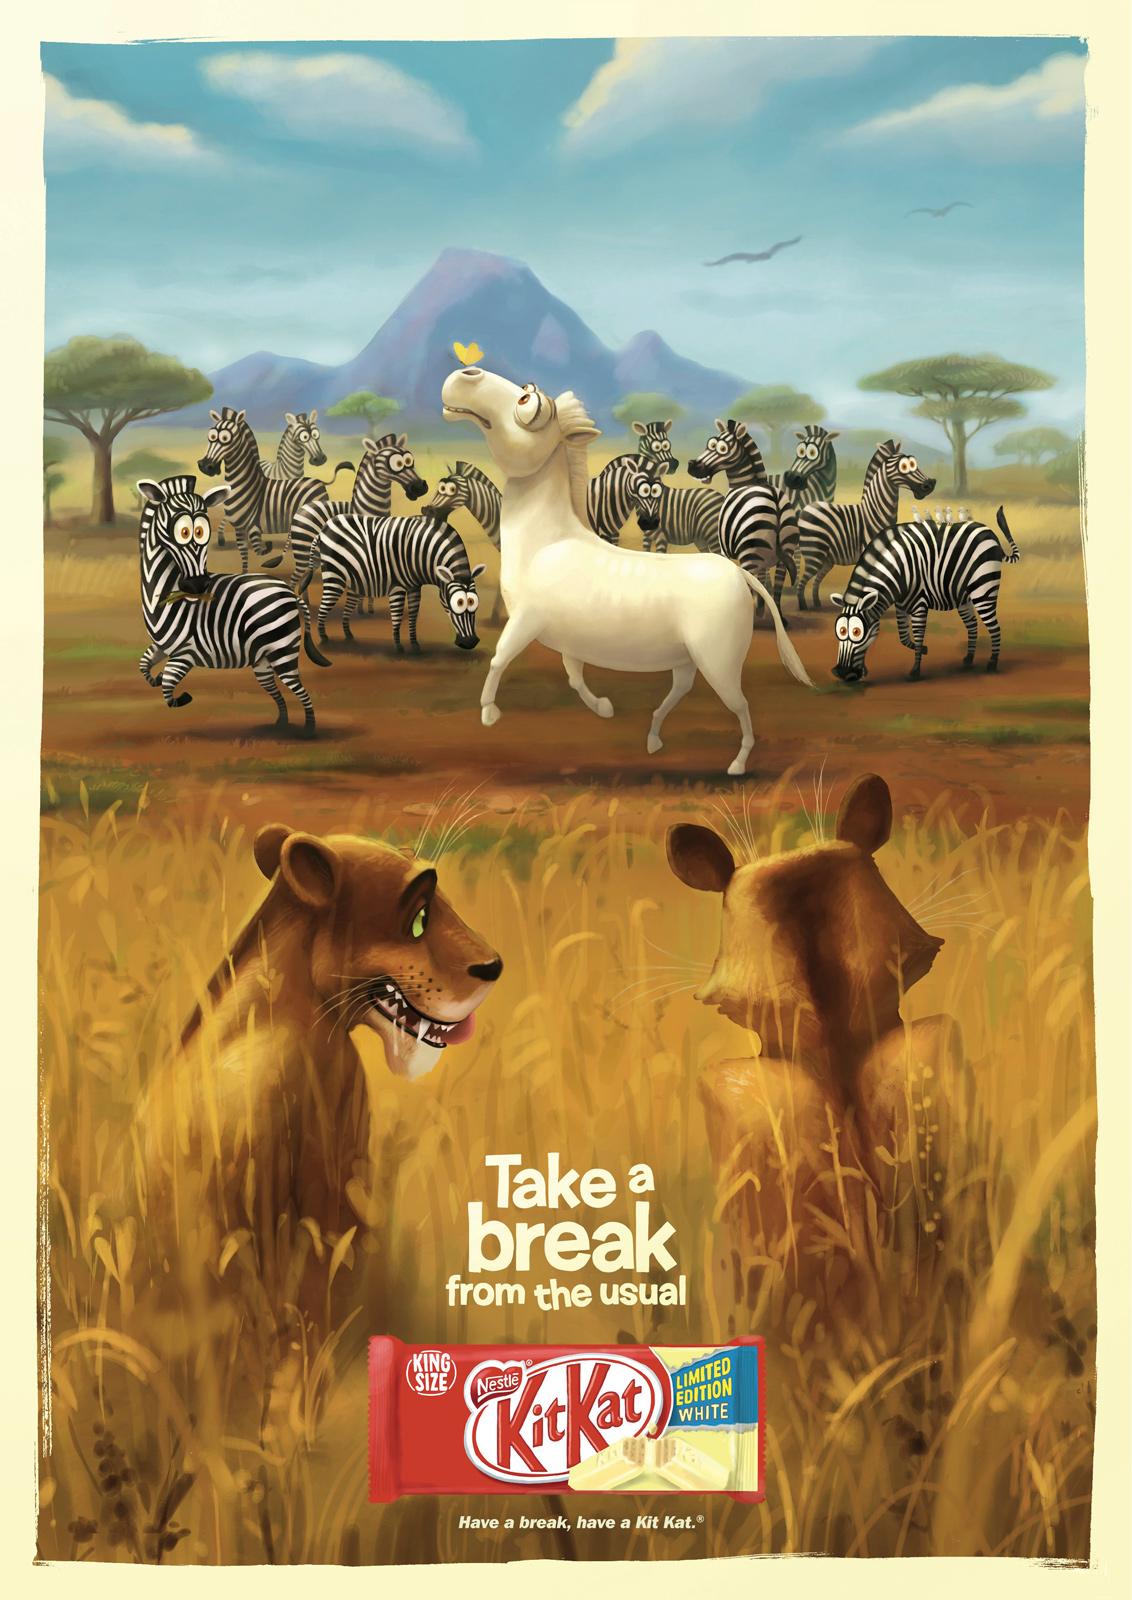 Kit Kat Take a break from the usual Zebra